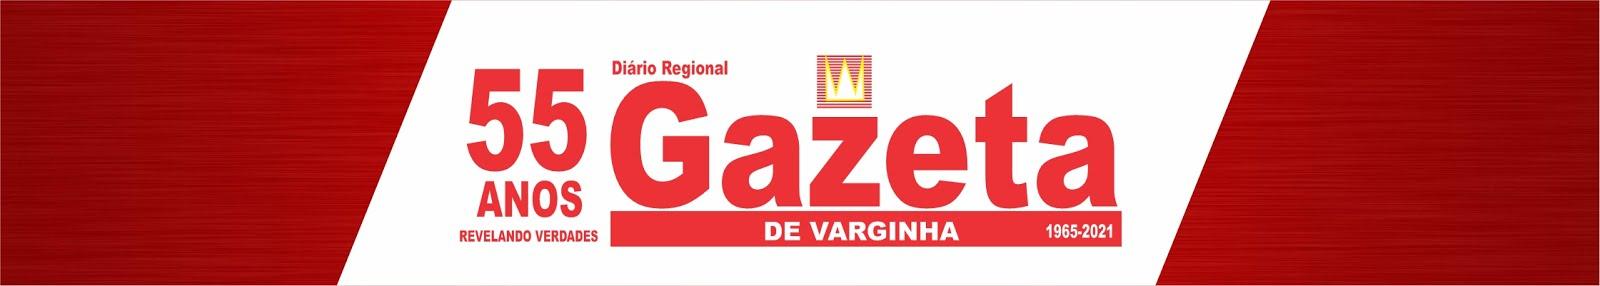 PrincipalGazeta